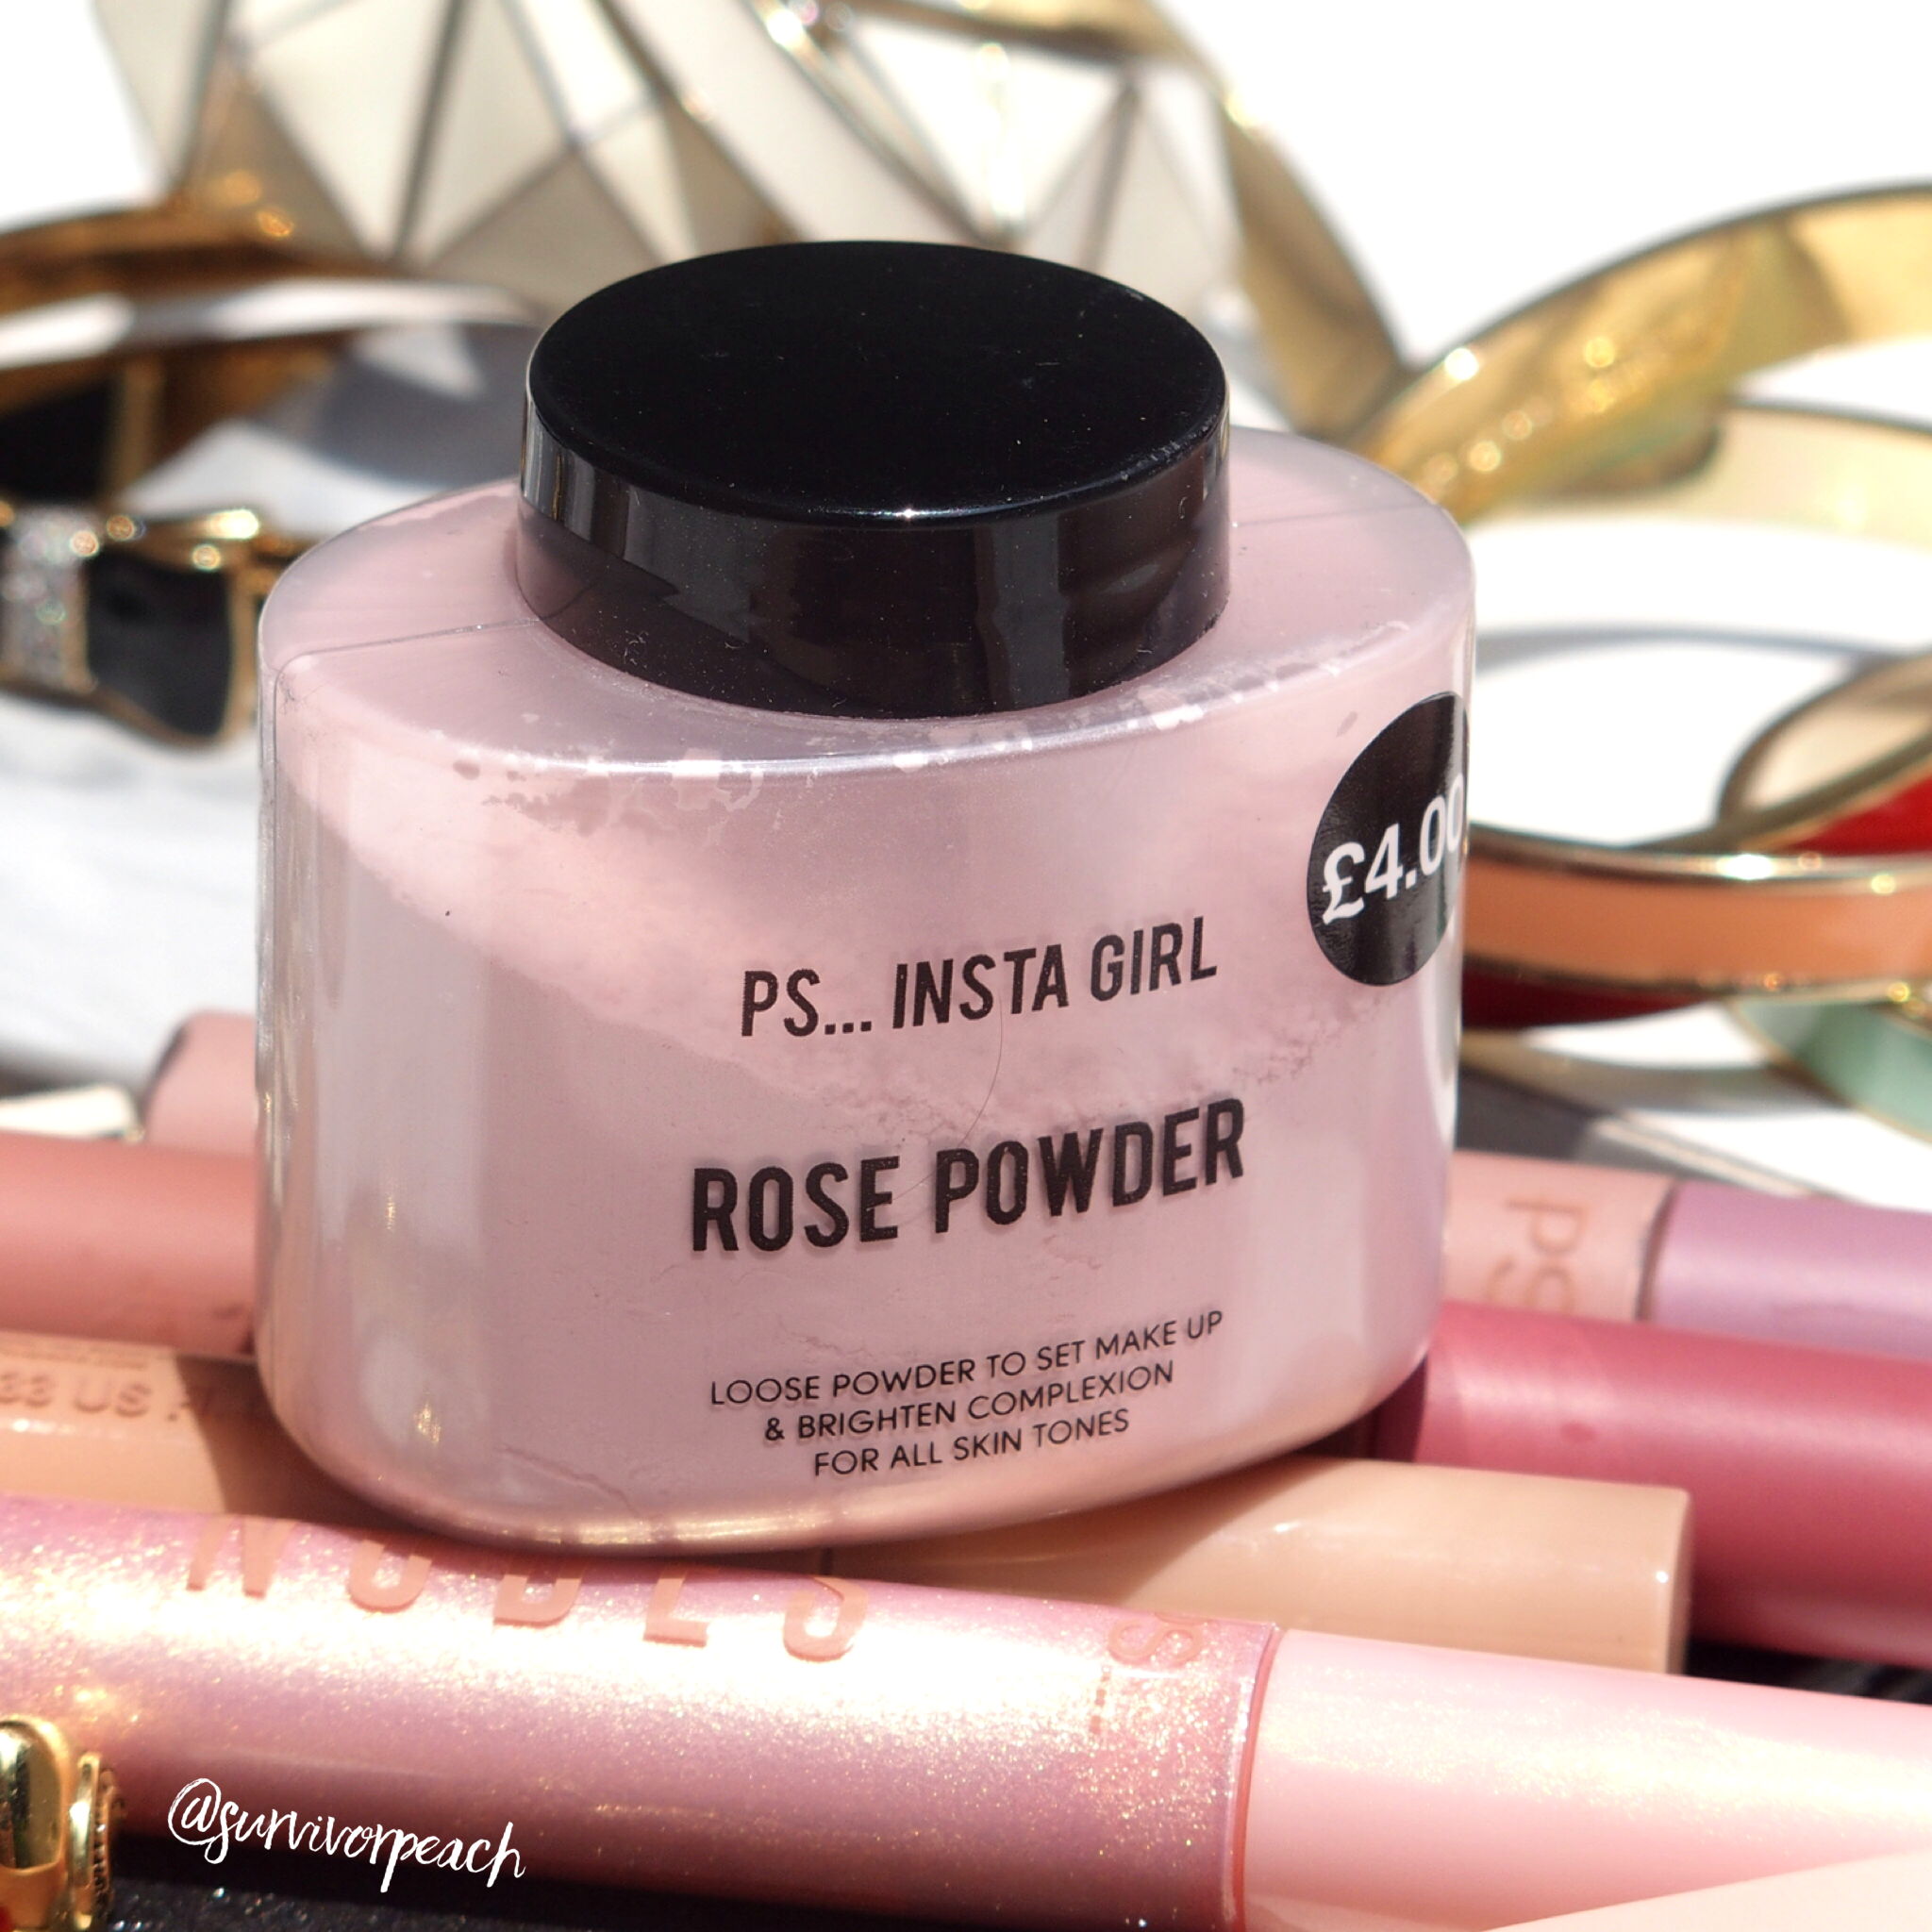 Primark PS Insta Girl Rose Powder